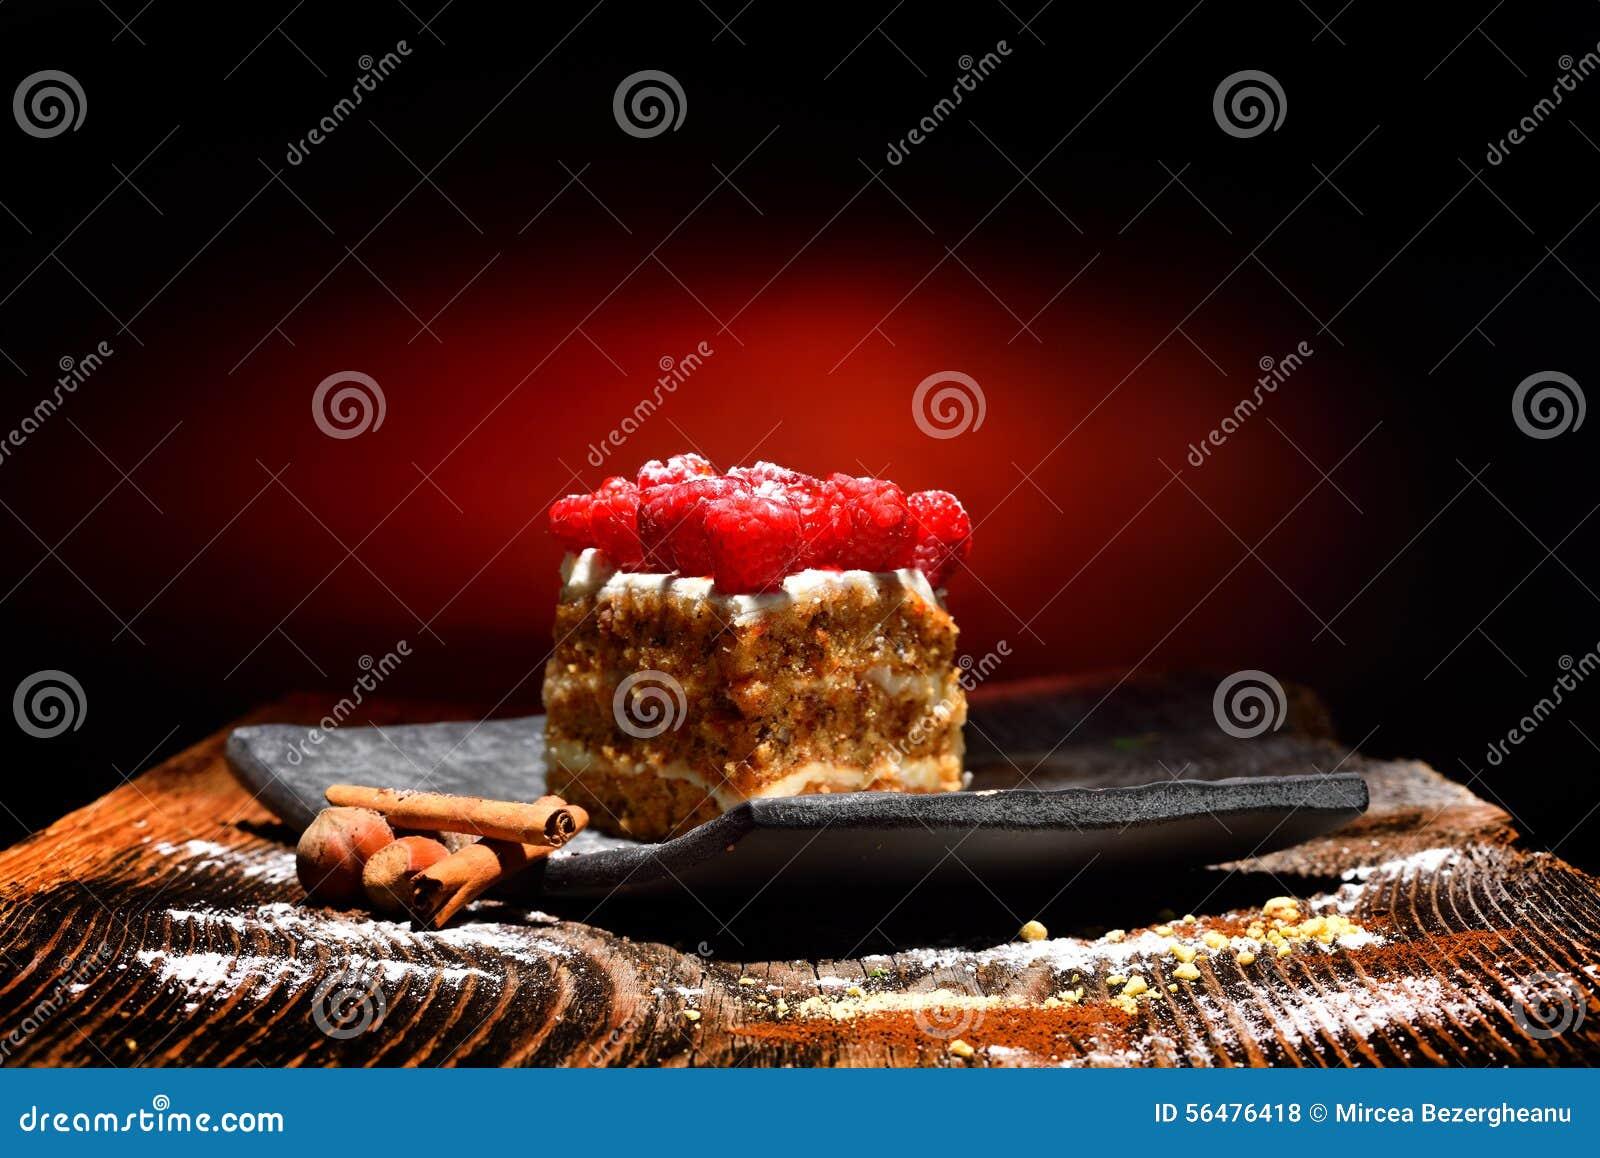 Gâteau de framboise